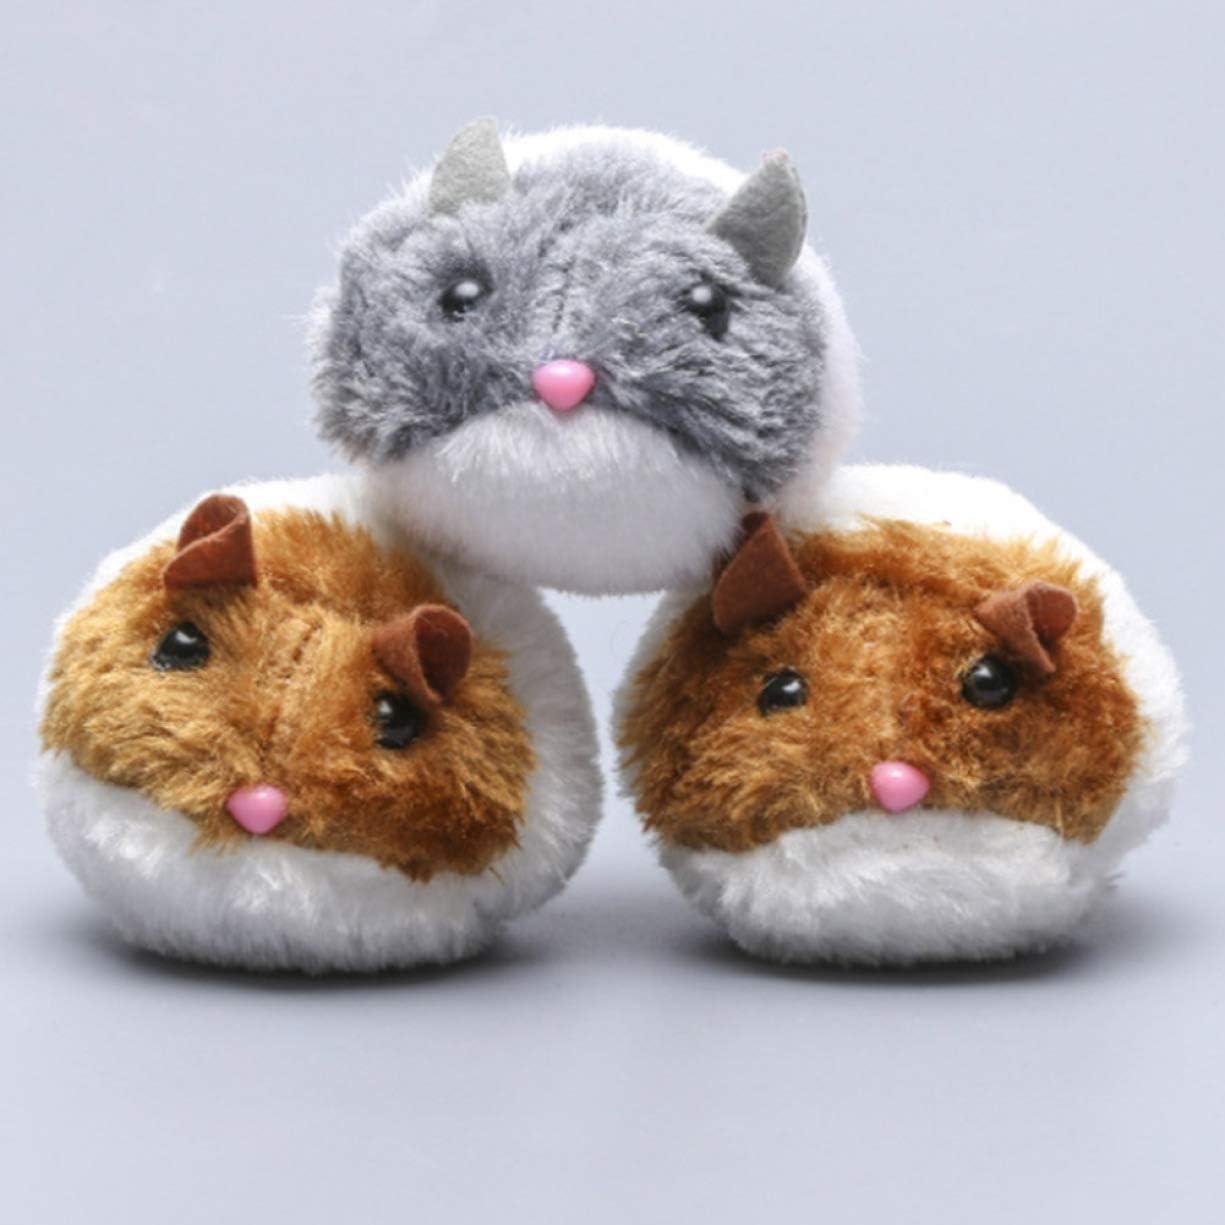 Gecheng Mascotas Bonitas,Ratones gordos,Ratones,Gatos,Pelucas,Juguetes de Voz,Ratones eléctricos.(None A): Amazon.es: Juguetes y juegos